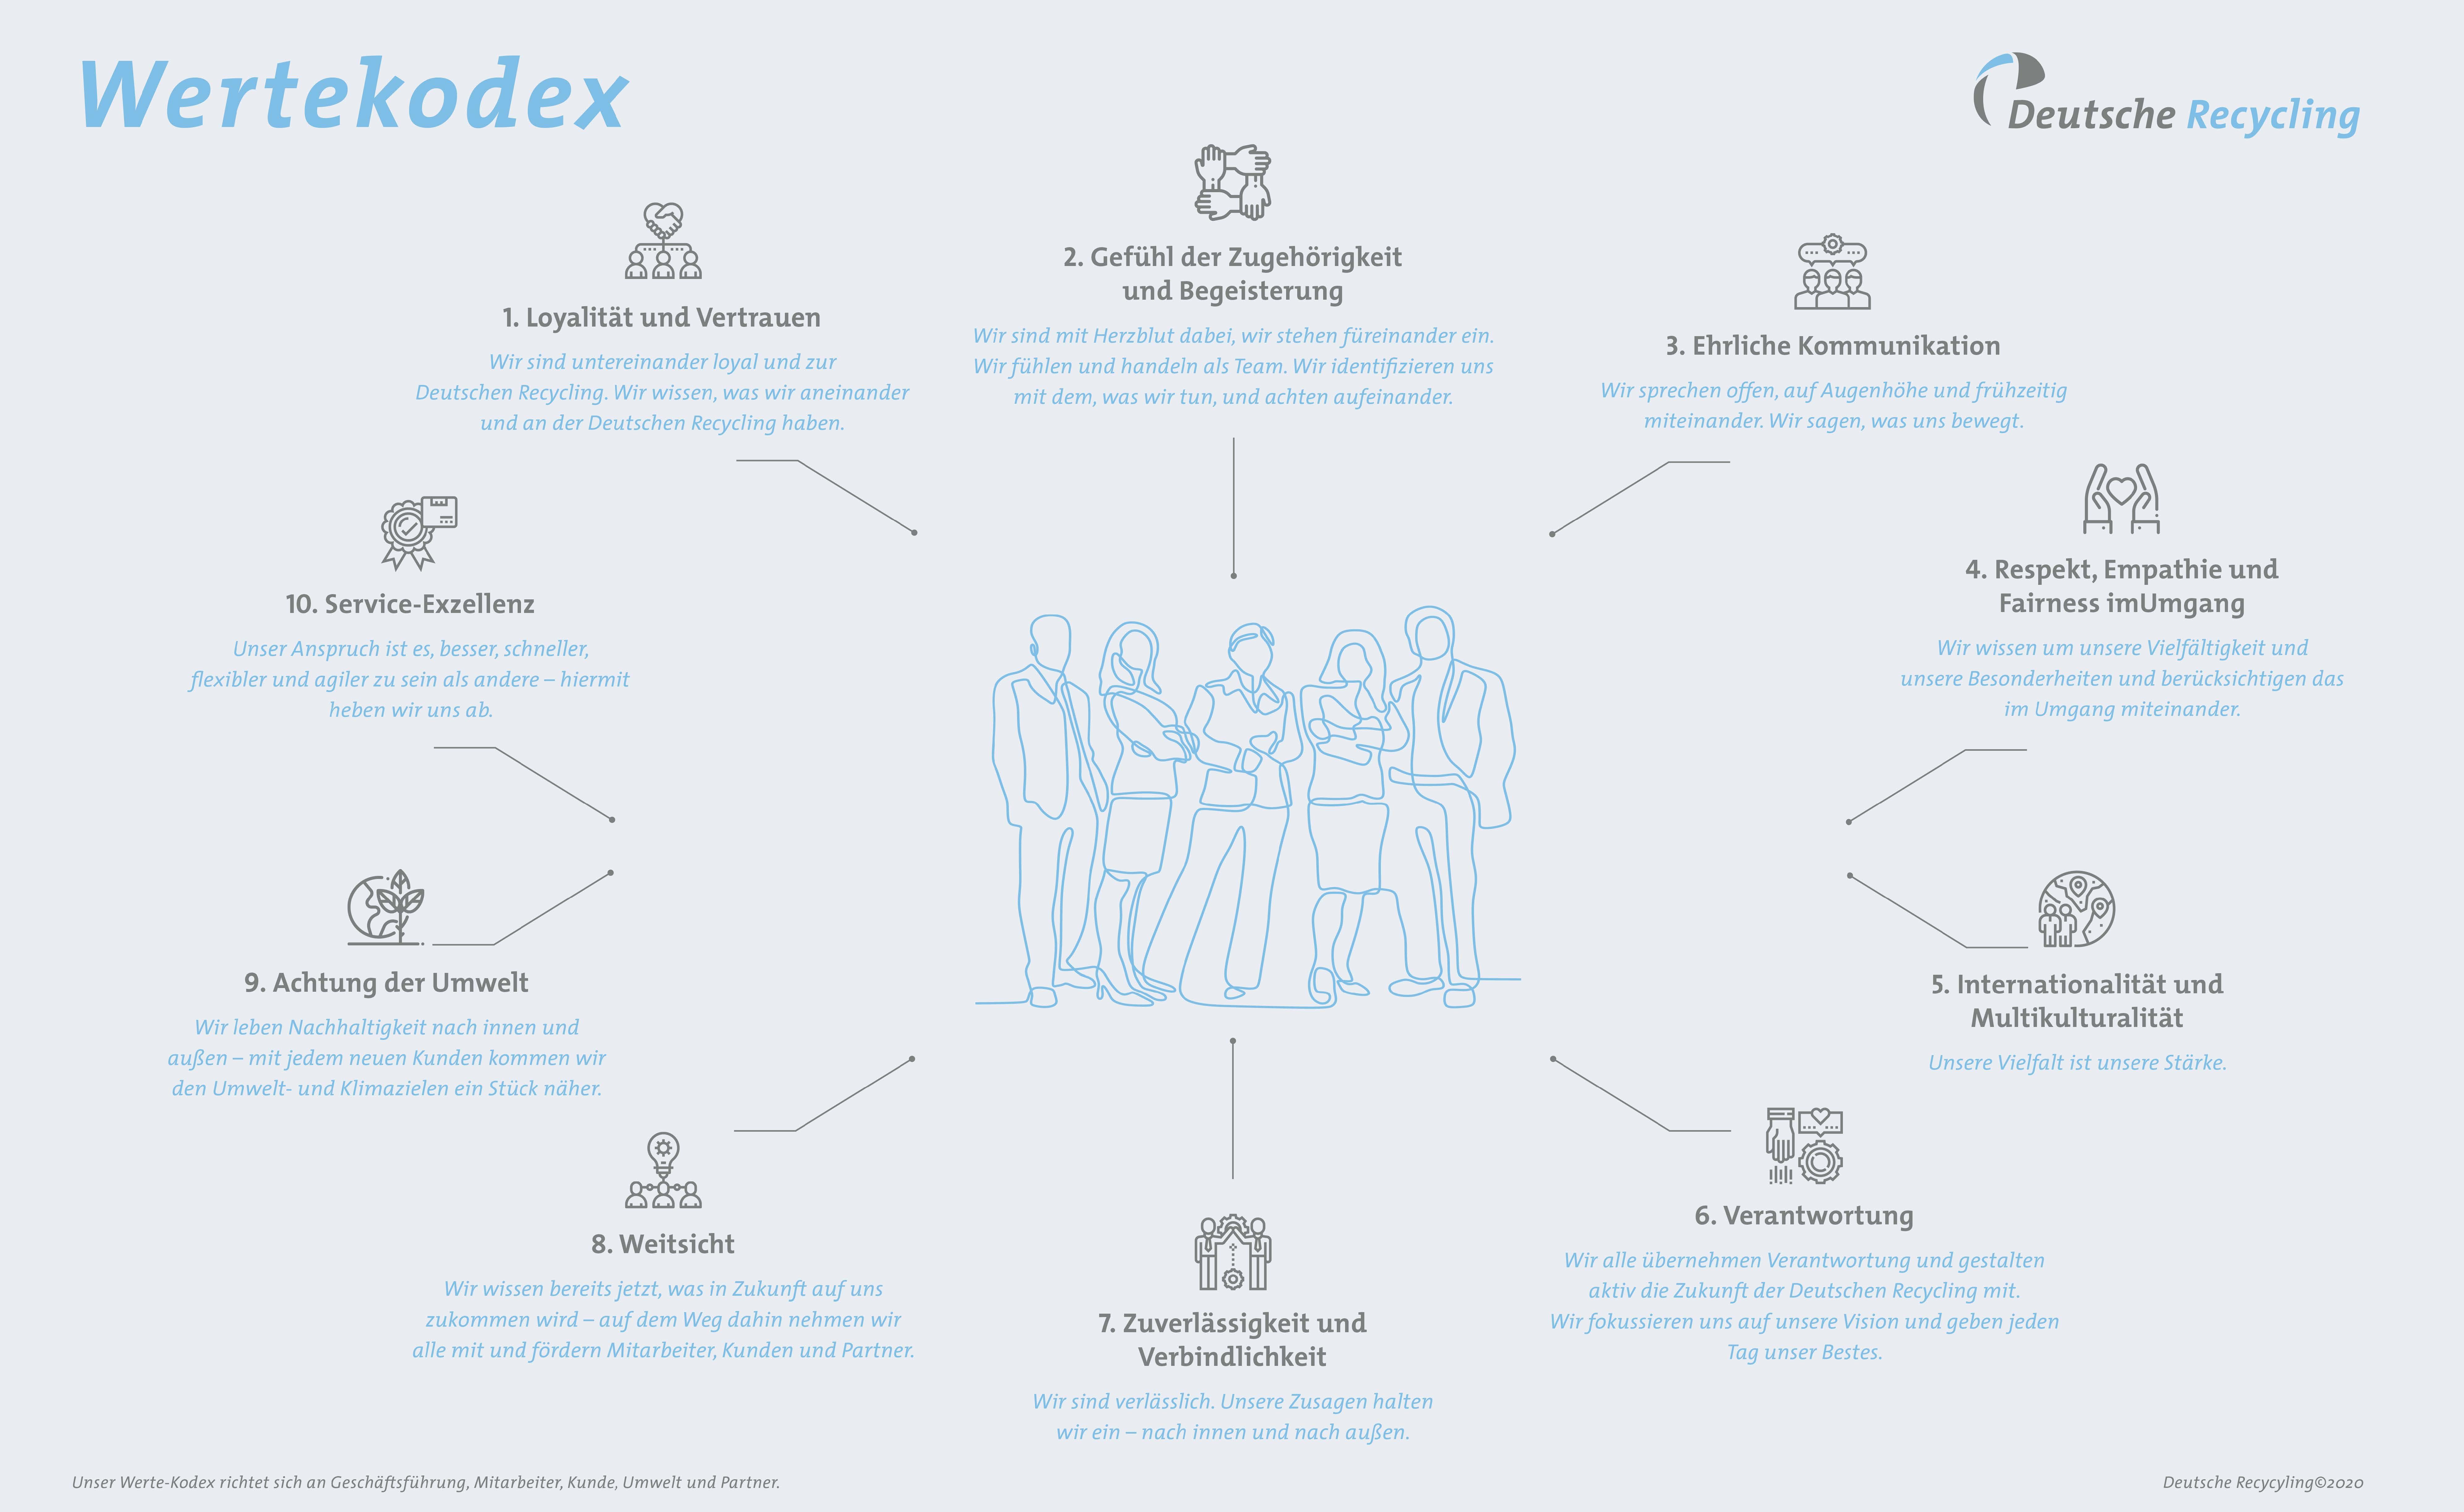 Vision / Wertekodex